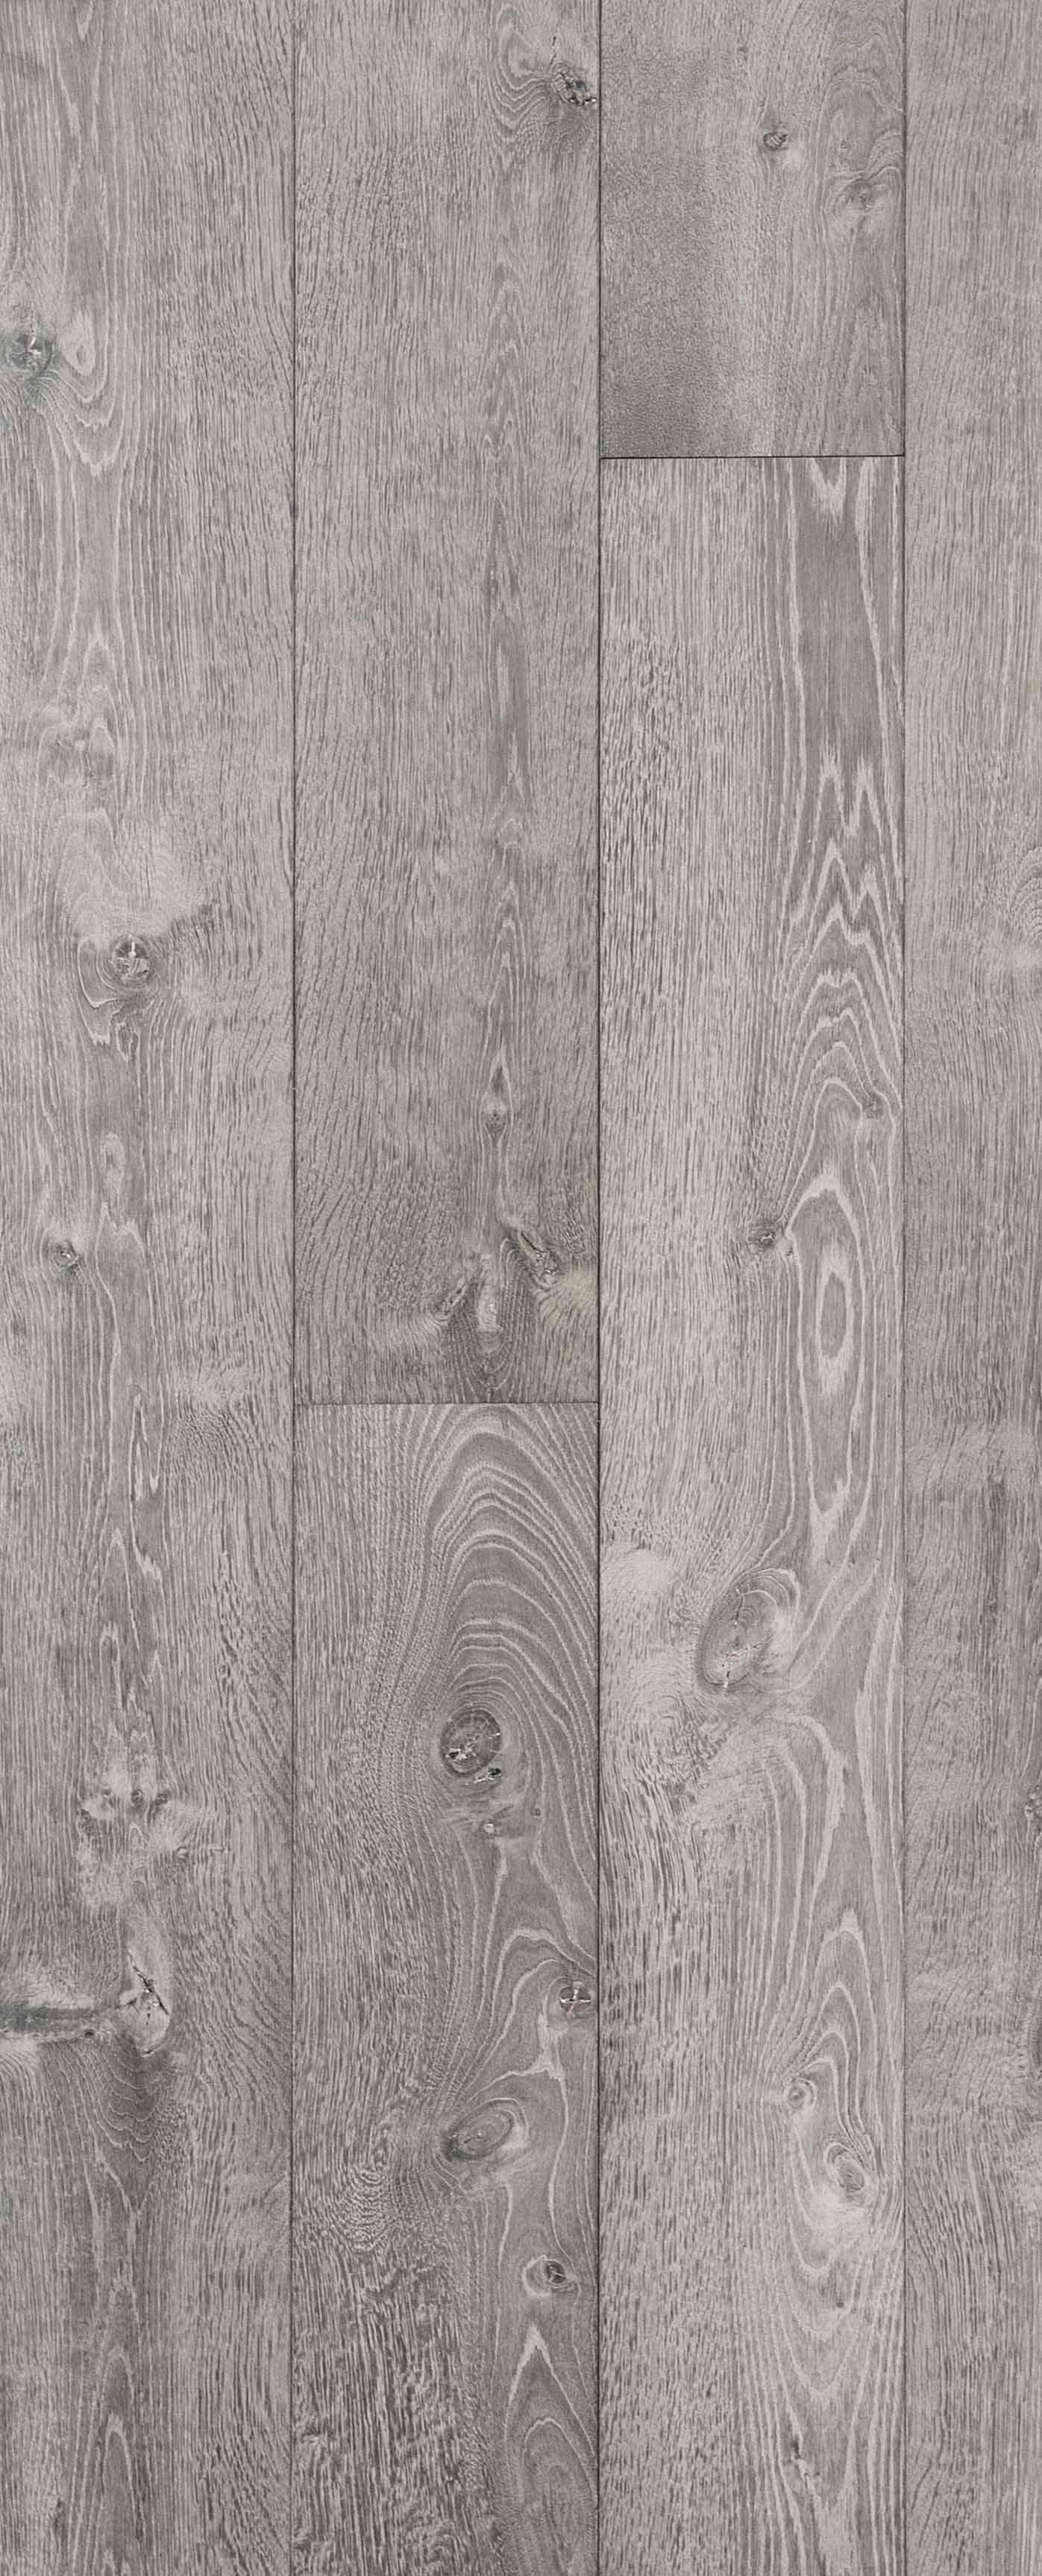 European White Oak Prime For The Home Pinterest